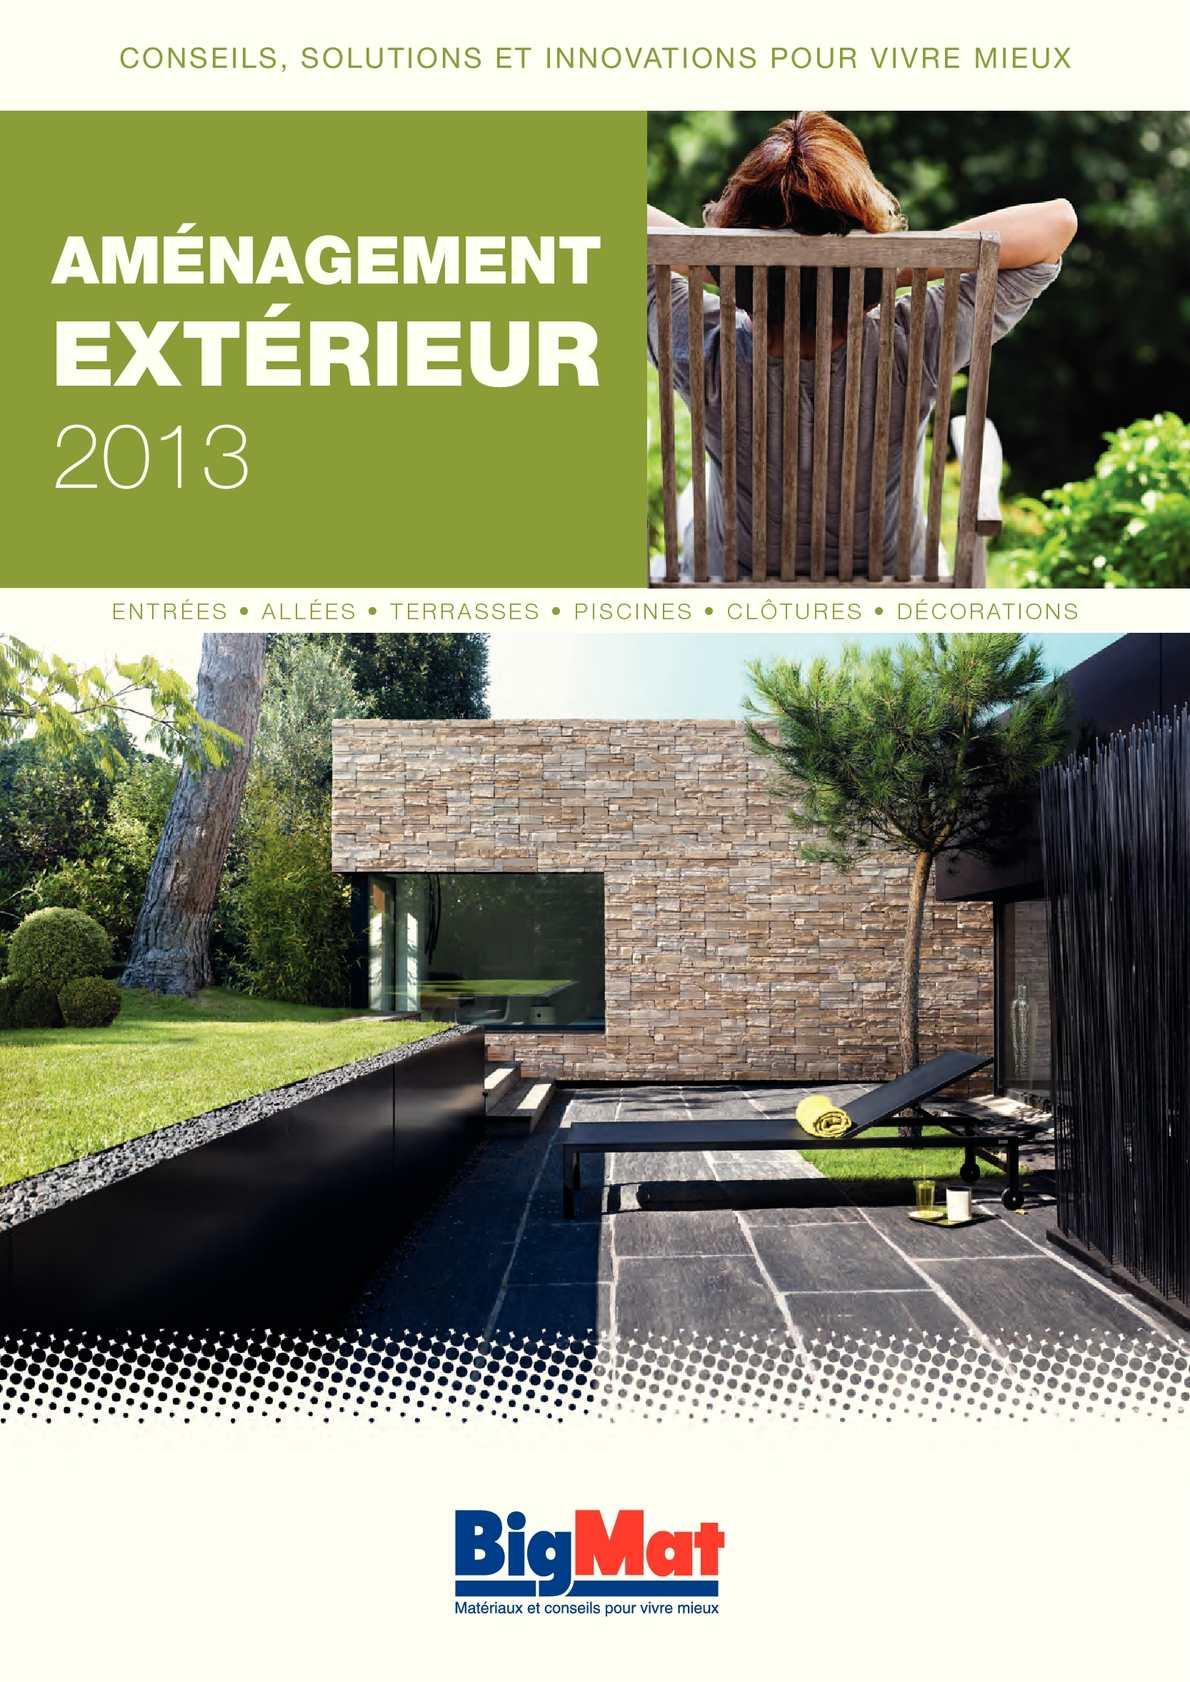 Natte Drainante Sous Carrelage Extérieur calaméo - catalogue bigmat amenagement exterieur 2013